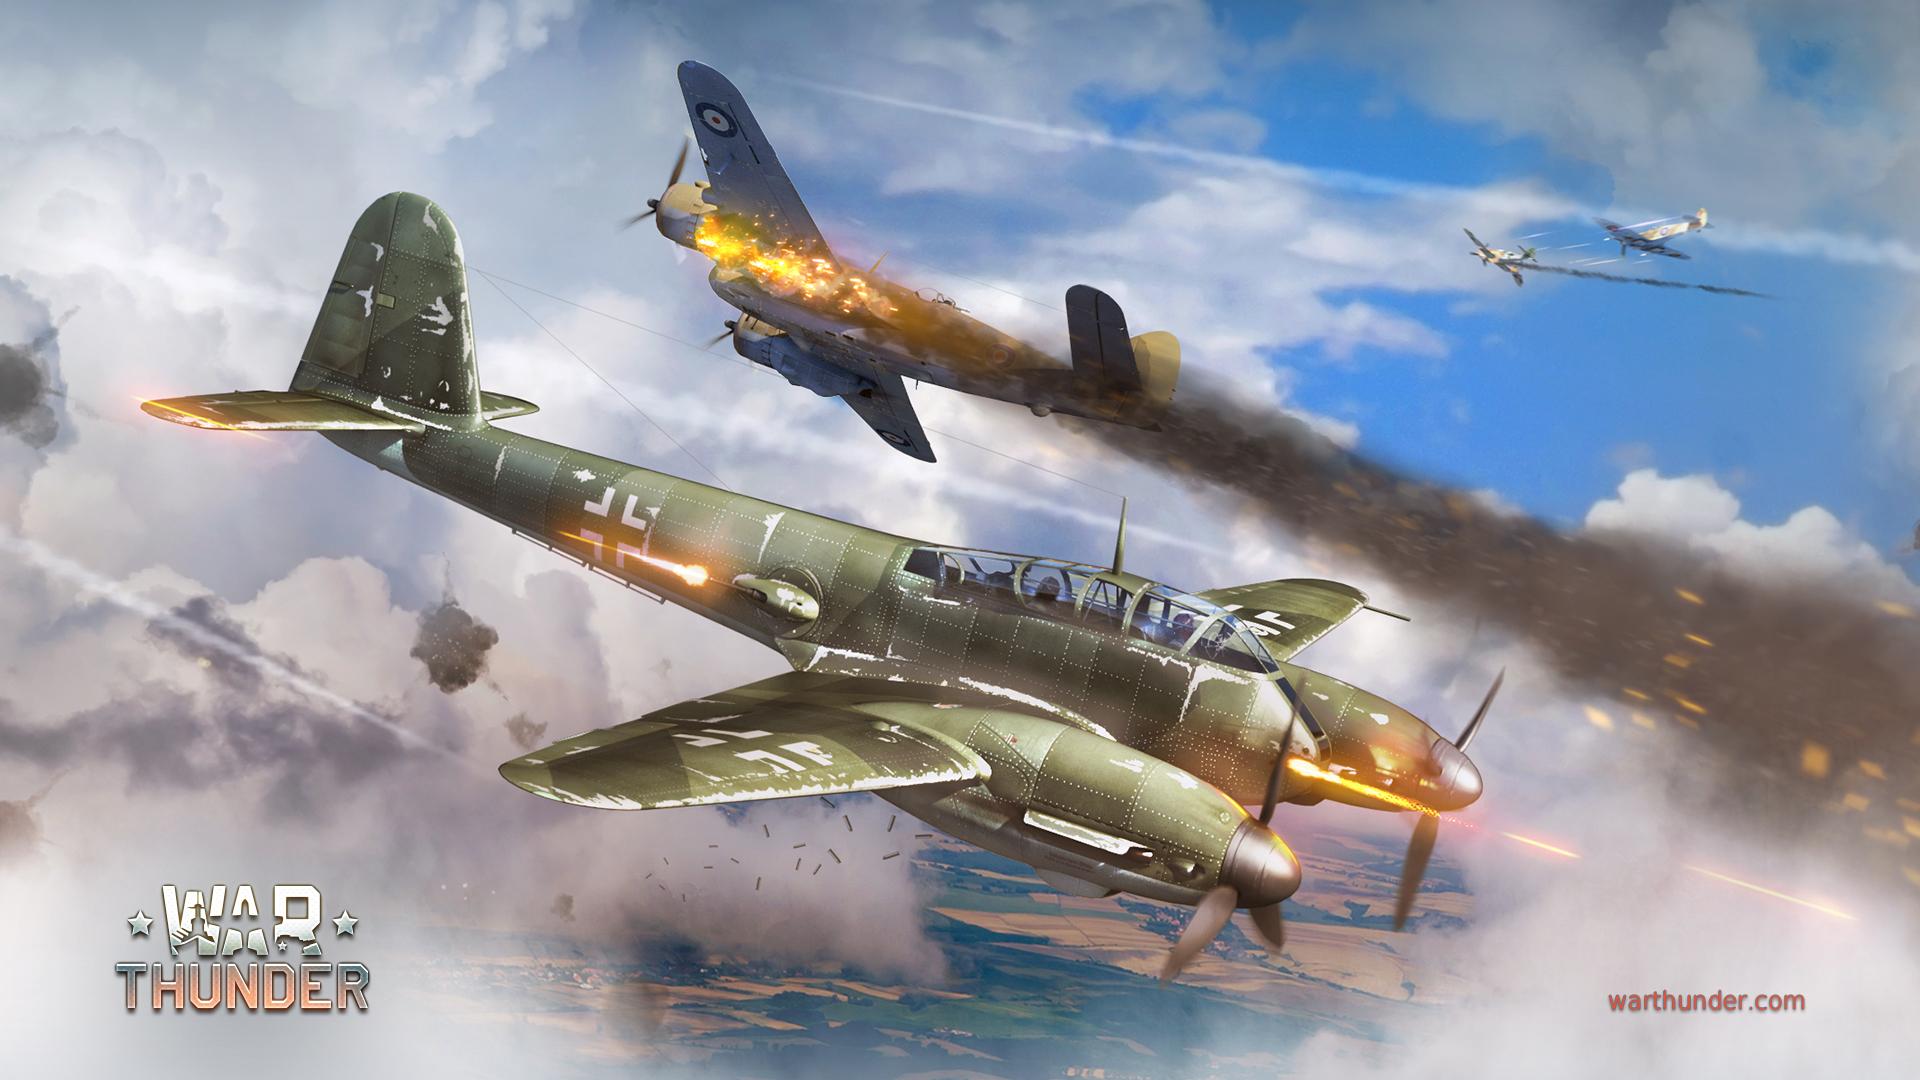 Fondos De Pantalla 1920x1080 Avión De Caza War Thunder